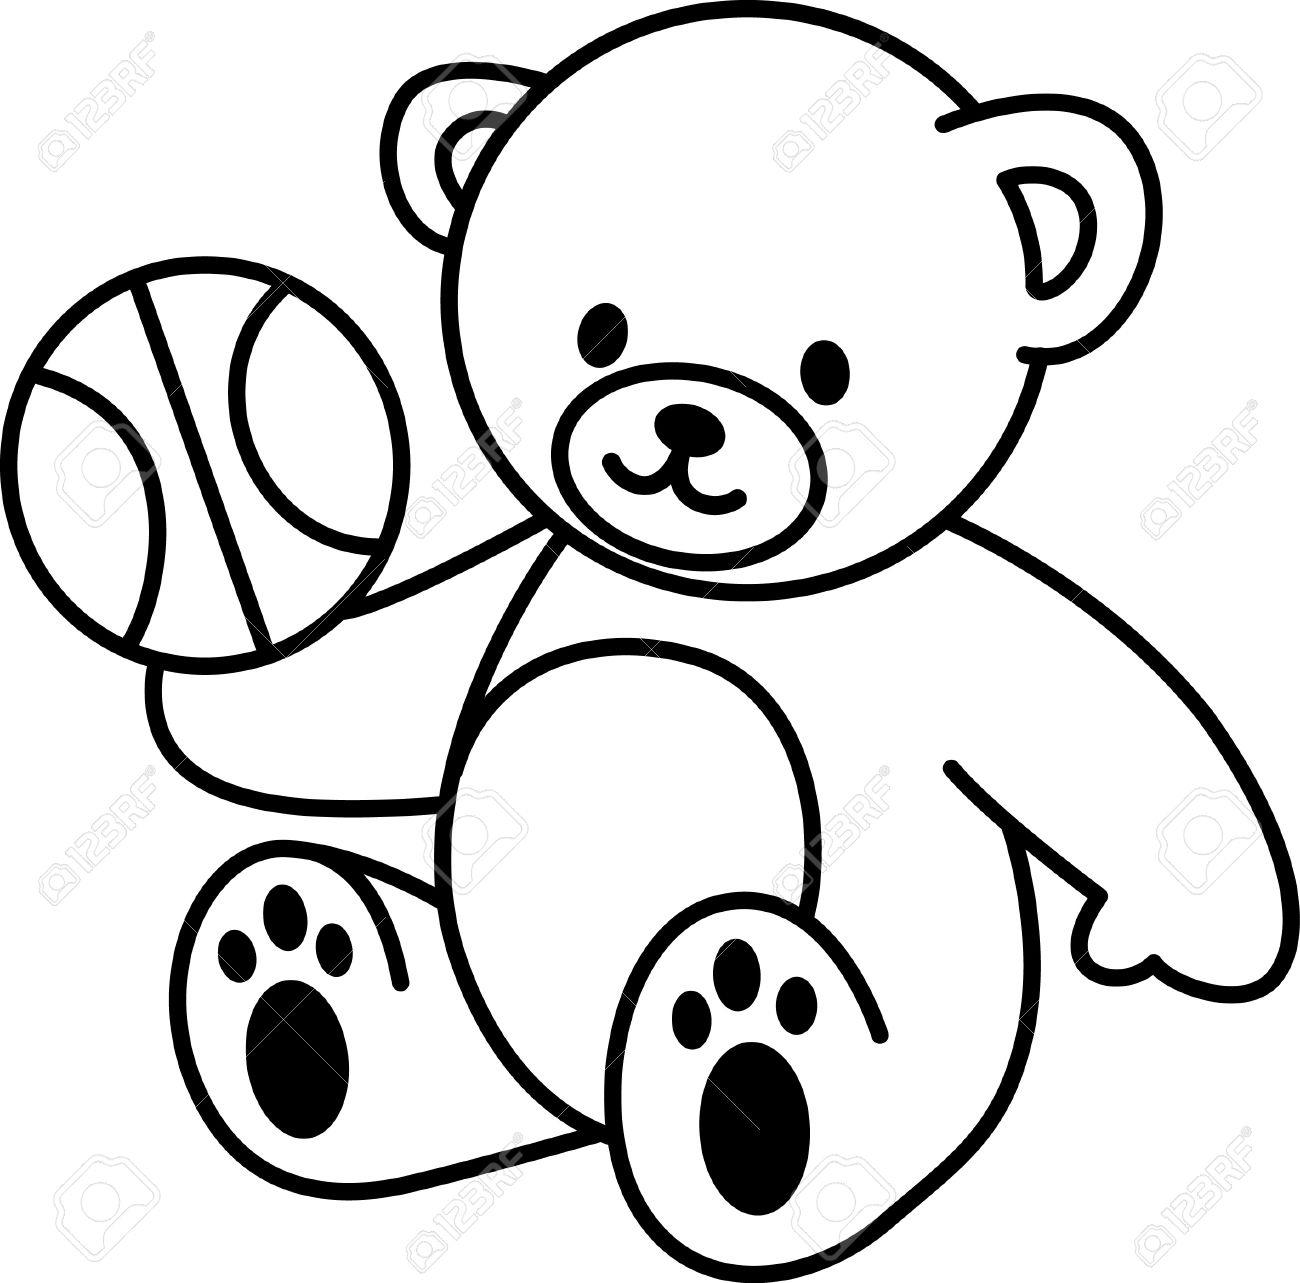 1300x1283 Easy Teddy Bear Drawing Easy Bear Drawing Sad Teddy Bear Digital